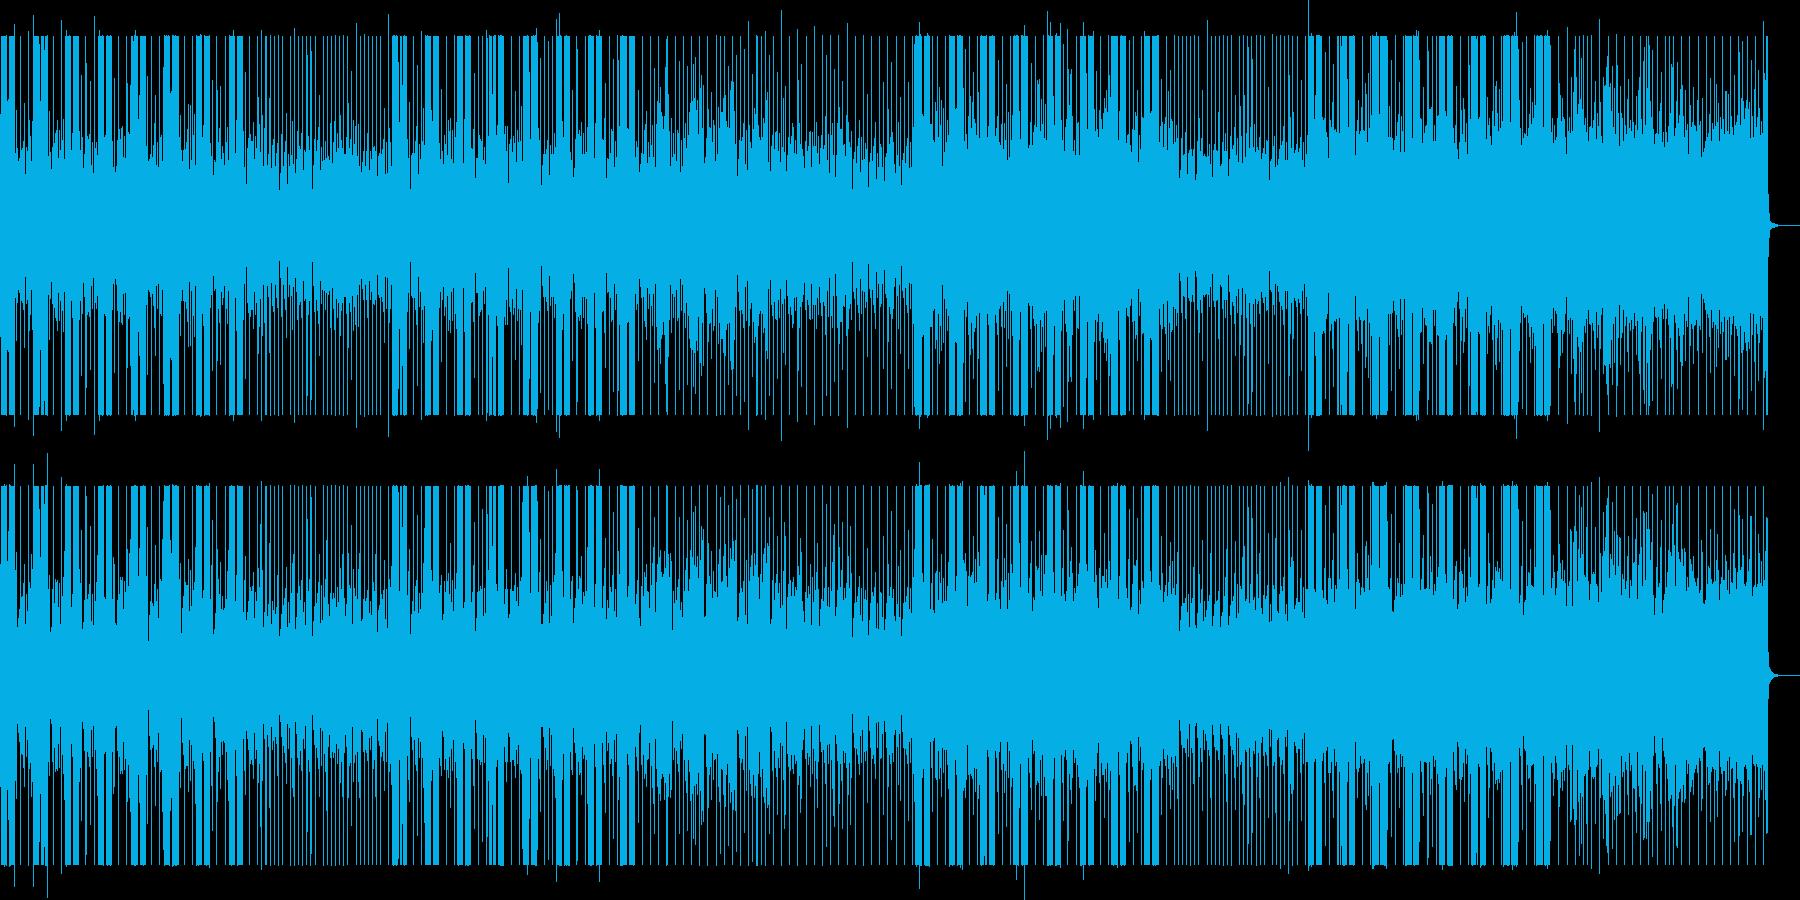 怪しい雰囲気や知的な雰囲気の木琴の再生済みの波形